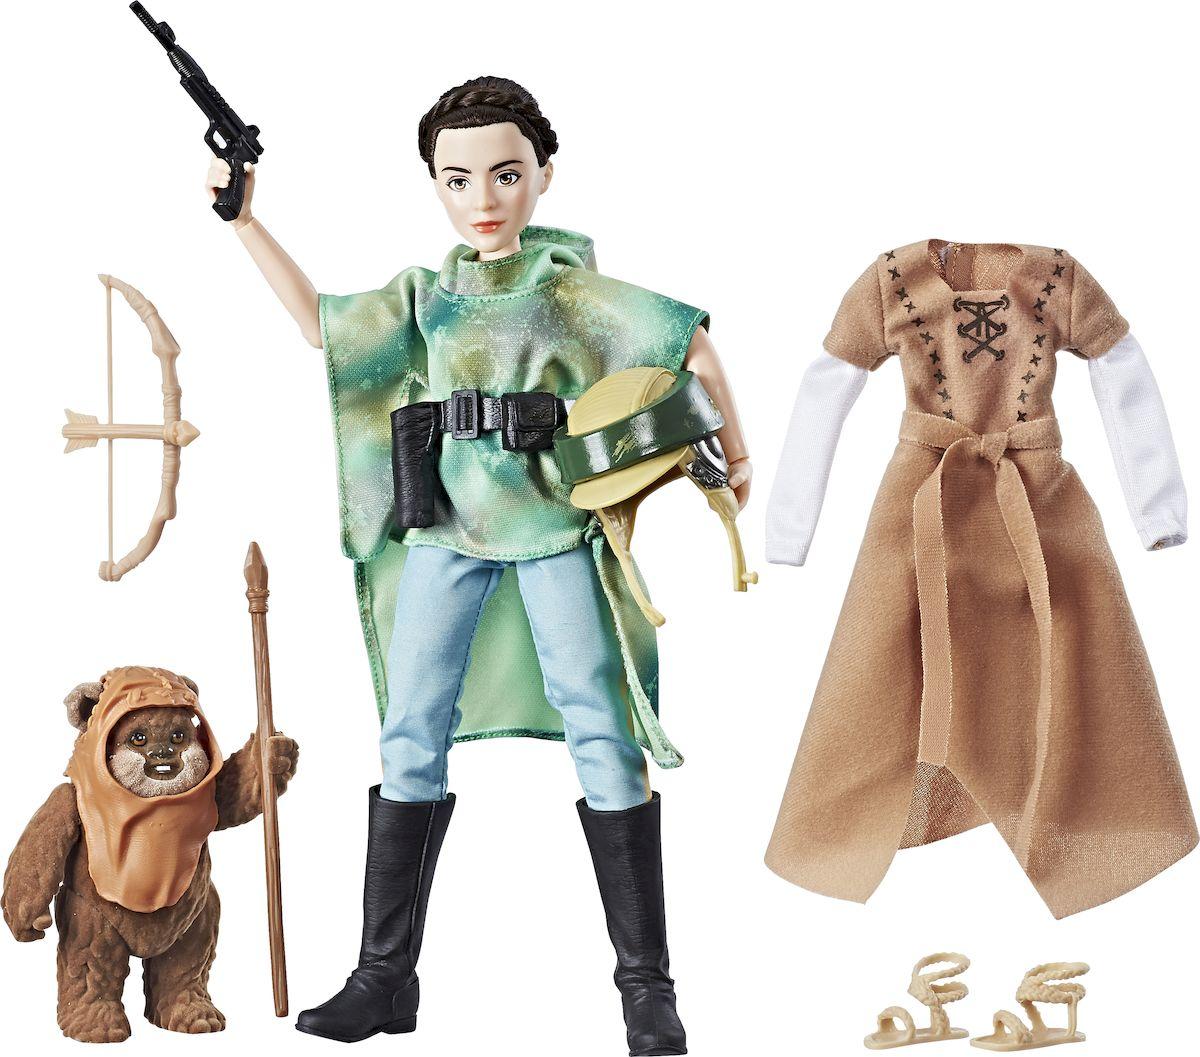 Star Wars Игровой набор с куклой Планета Эндор star wars игровой набор resistance x wing & resistance pilot